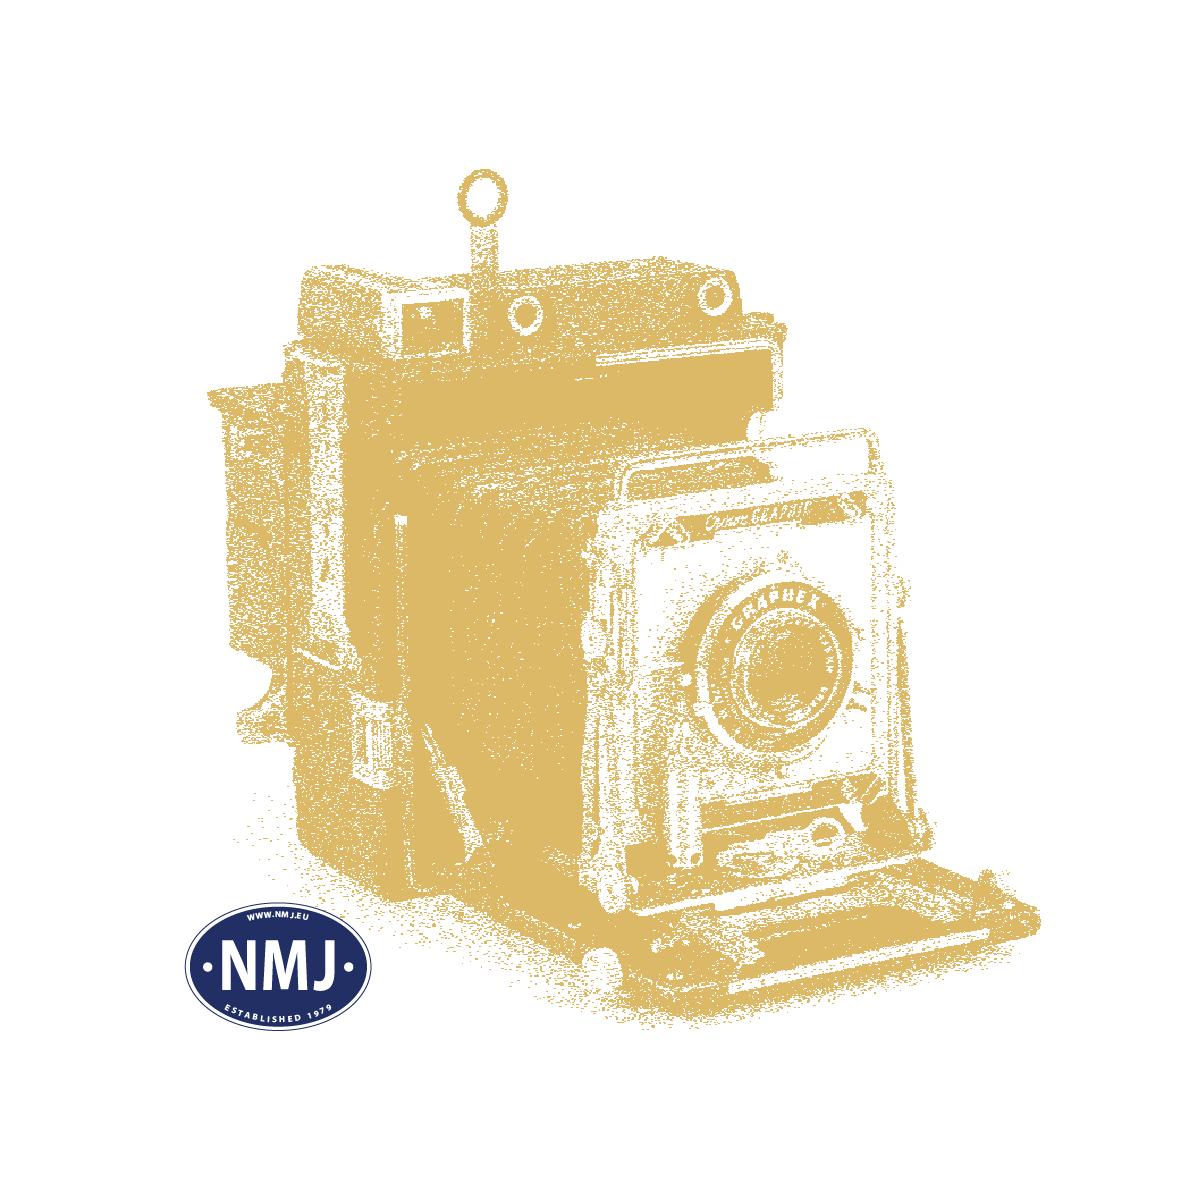 NMJ Superline NSB Stakevogn T3 6641